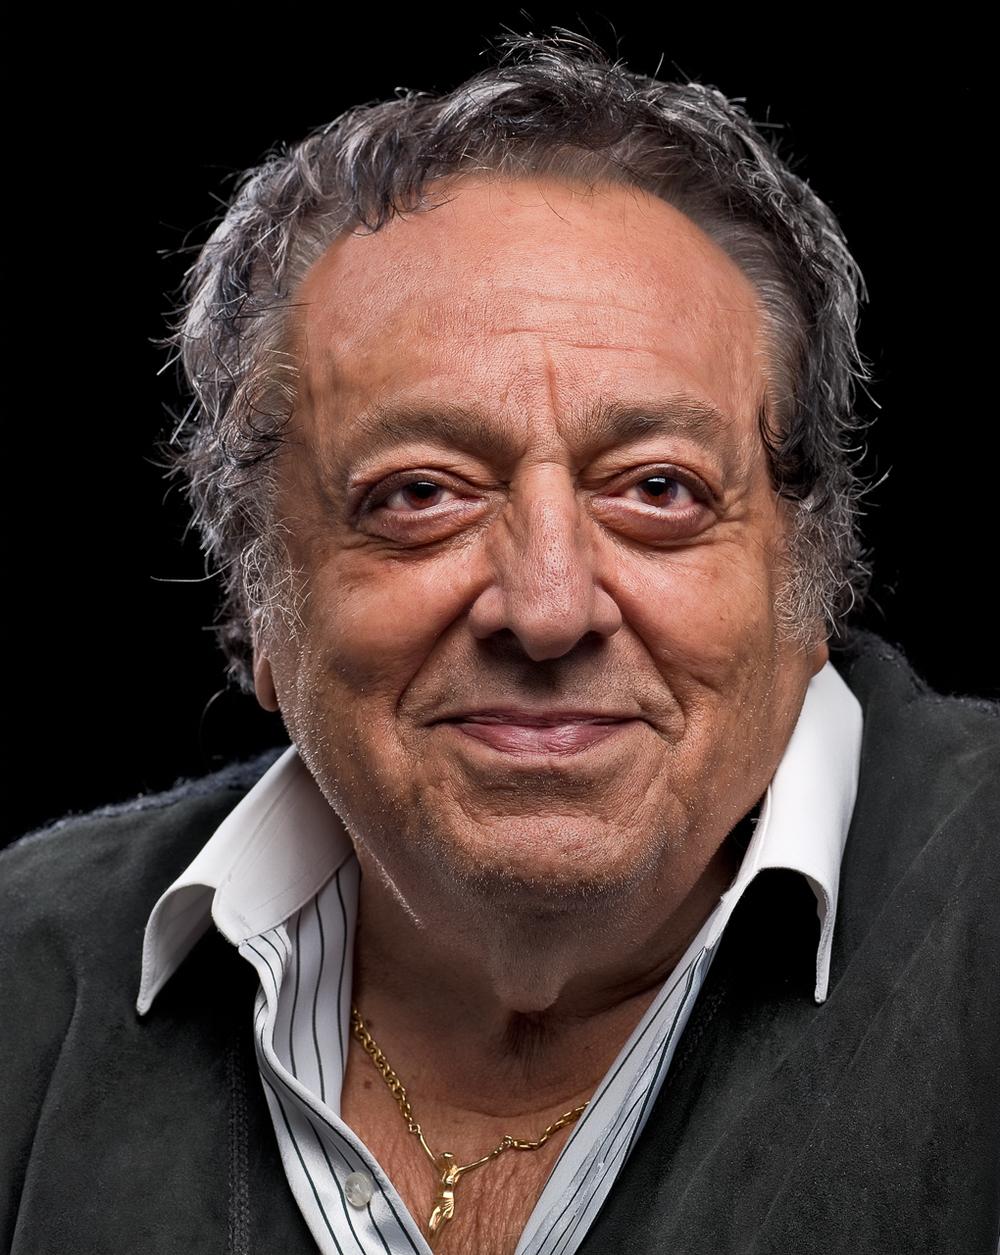 Jose Sulaiman